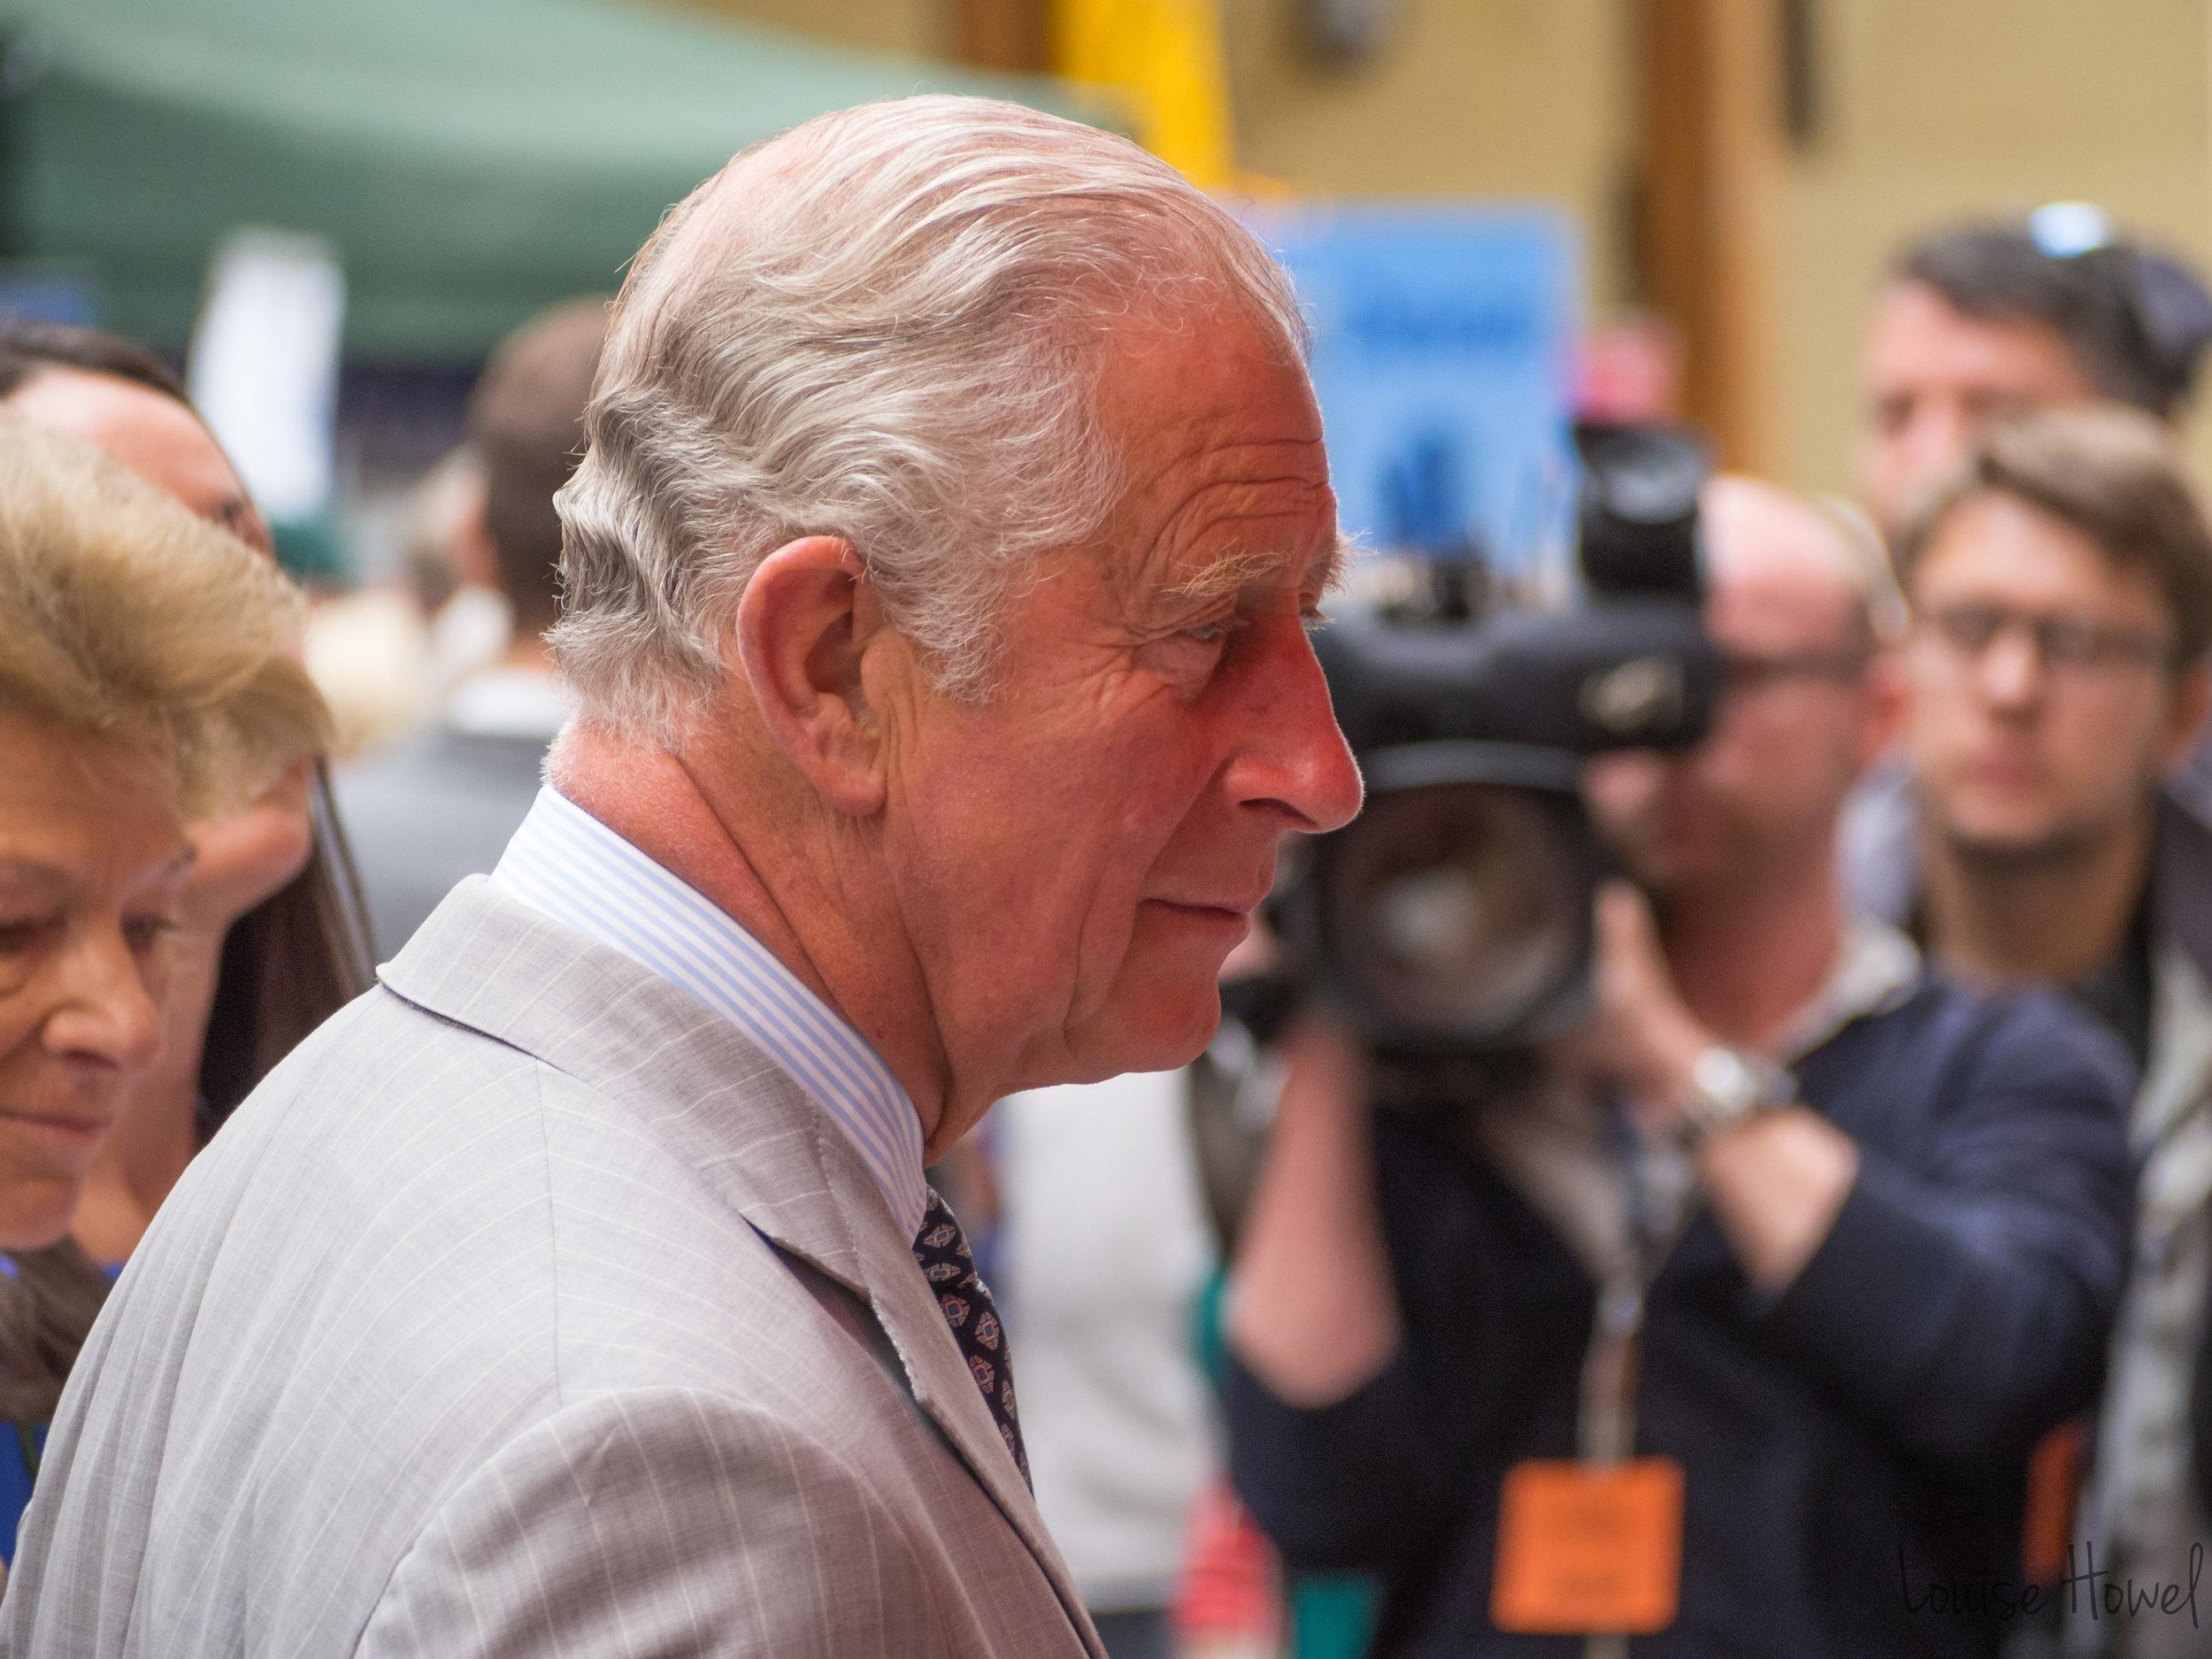 Prince_Charles-LouiseHowell-7200040.jpg